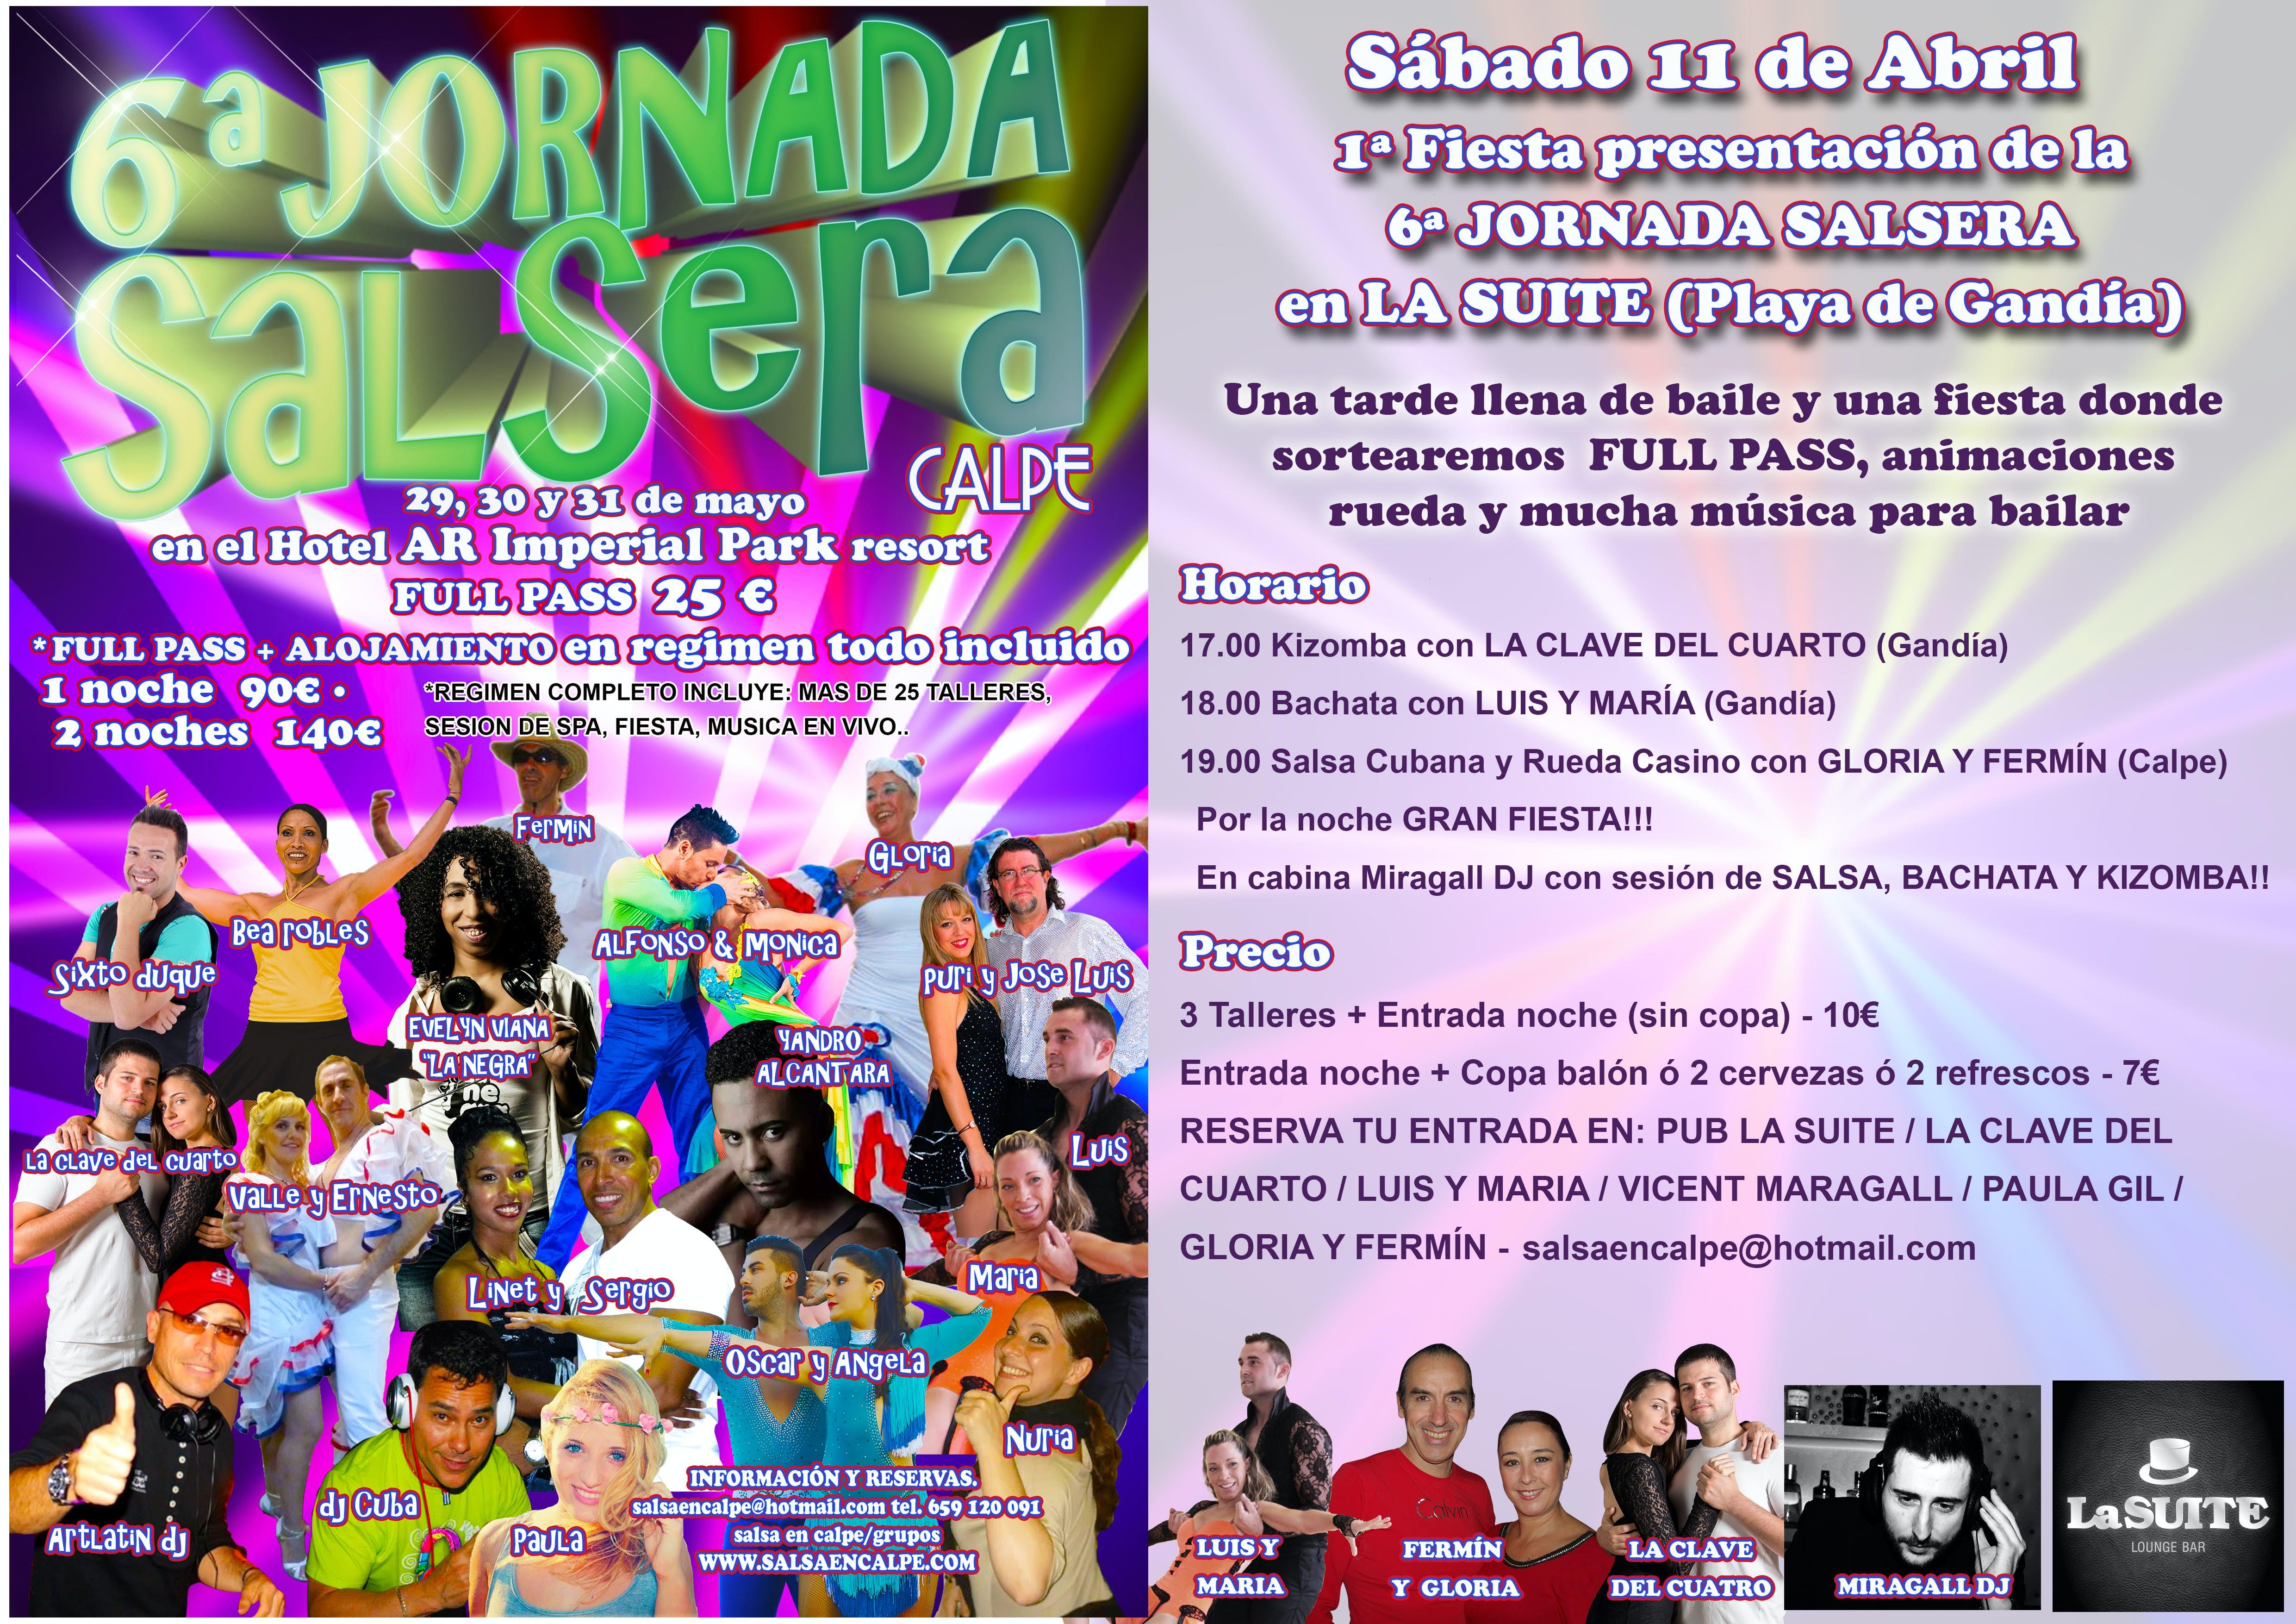 GRAN FIESTA Y TALLERES EN LA SUITE GANDIA PRESENTACIÓN 6ª JORNADA ...